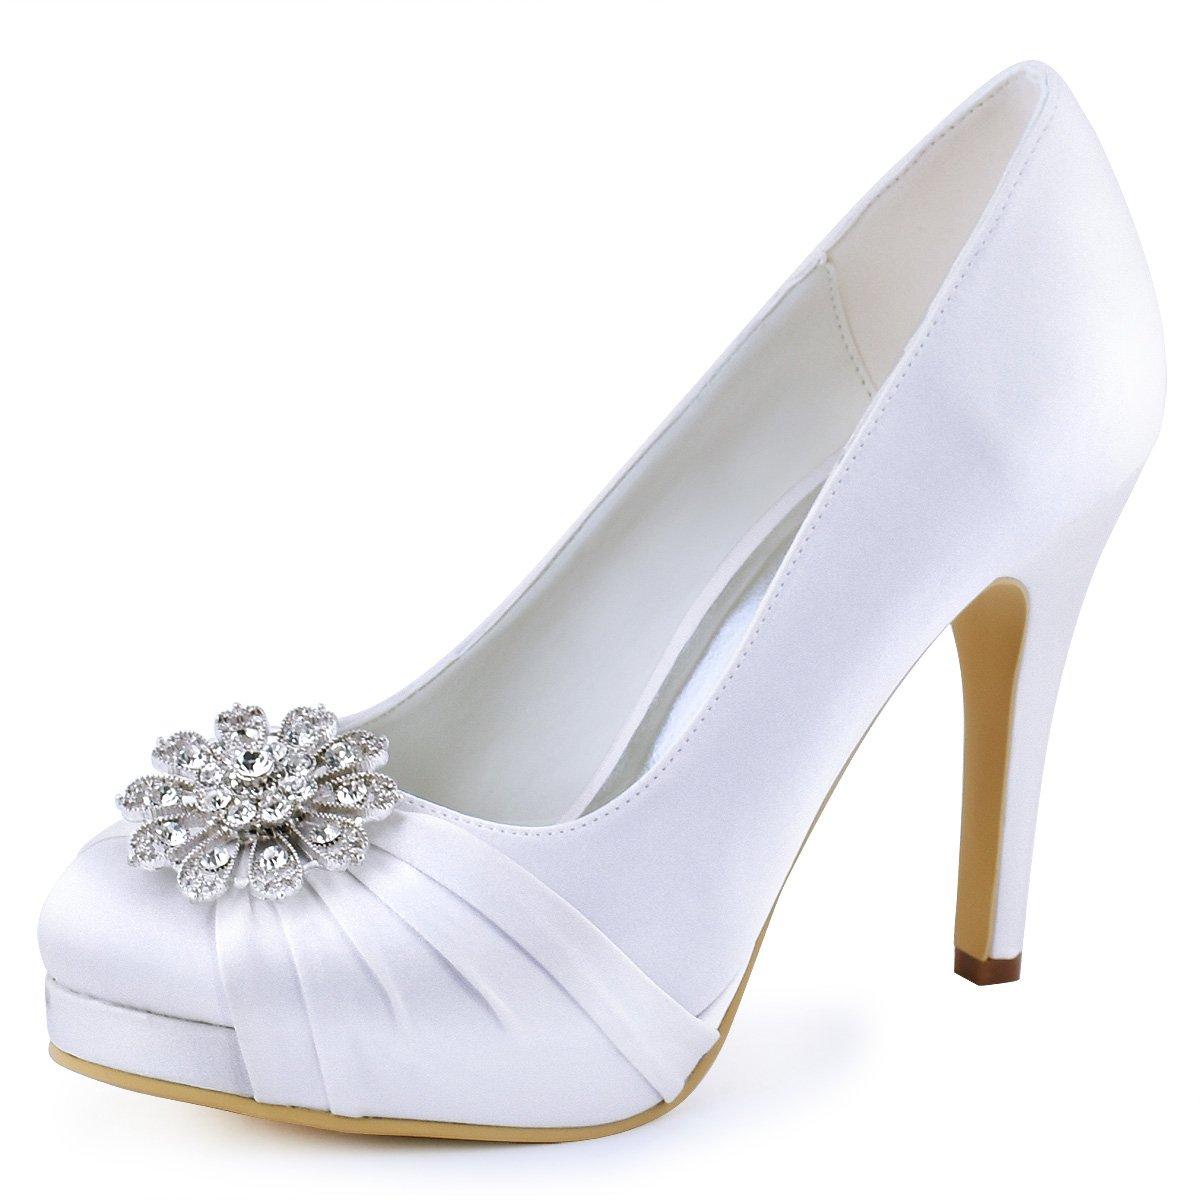 96d6acf9fb Elegantpark EP2015-PF Mujeres Bombas Punta Cerrada Zapatos Plataforma Zapatos  Tacón Alto Rhinestones Satén Wedding